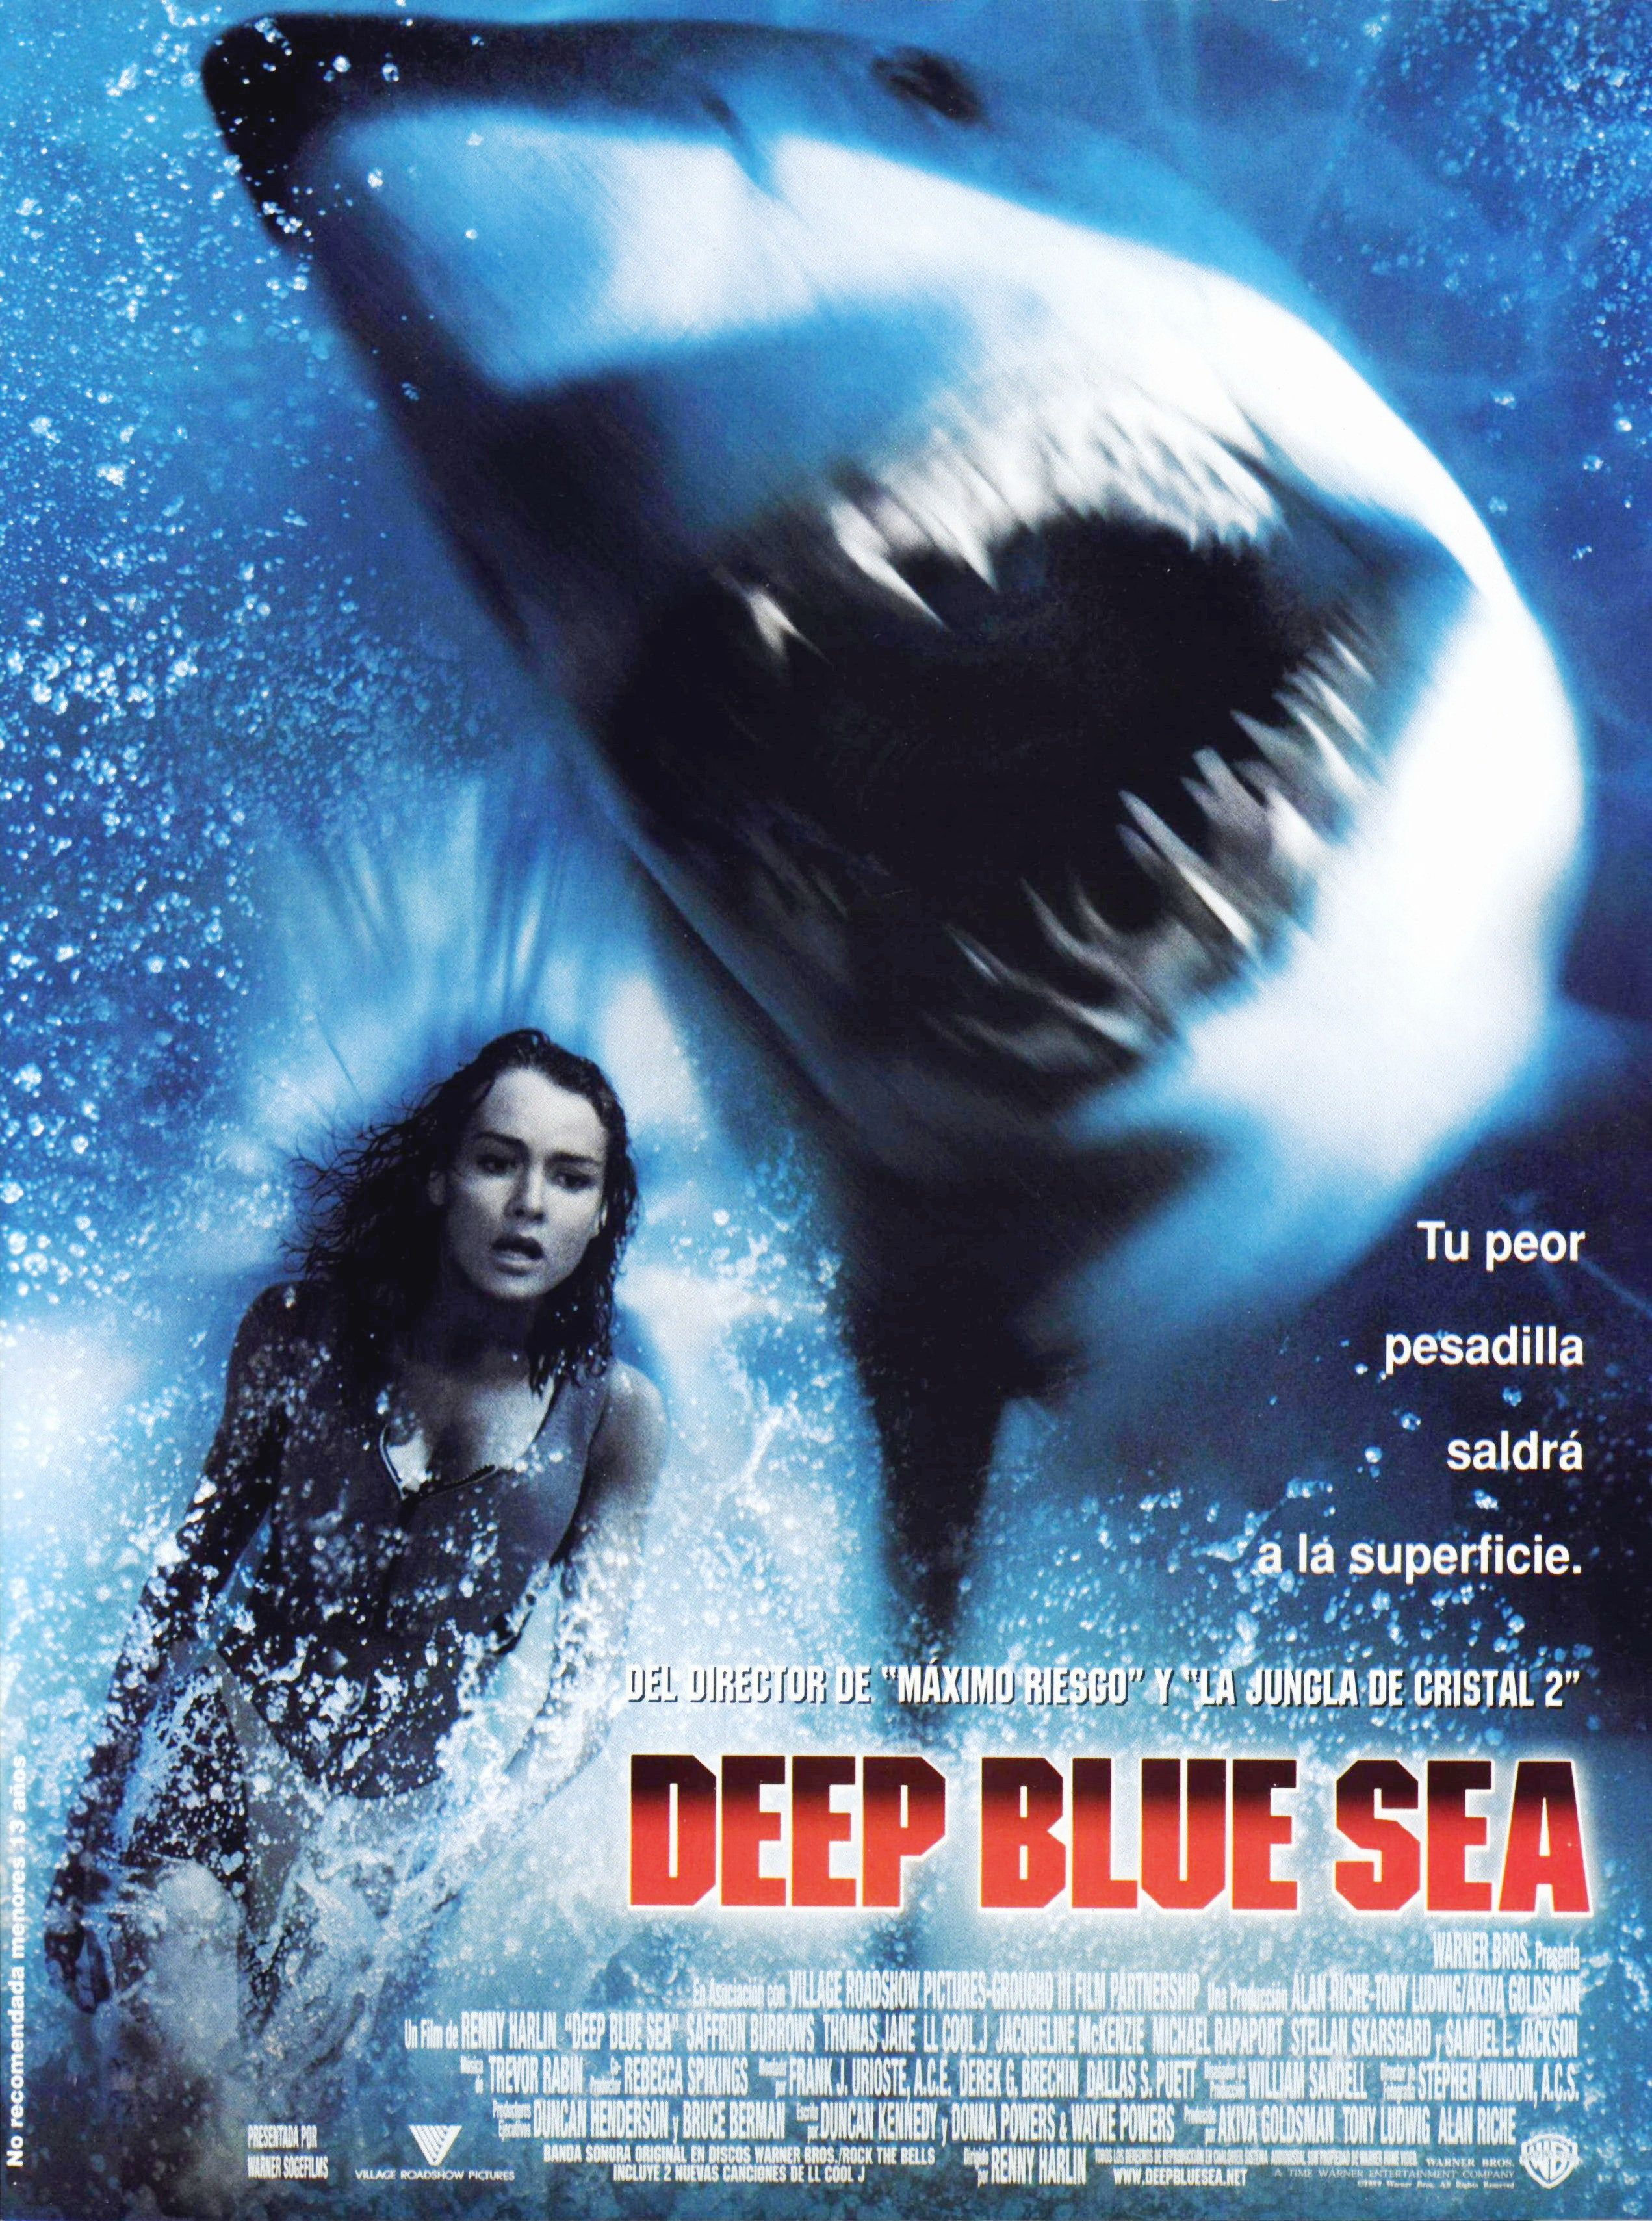 Deep Blue Sea Peliculas De Tiburones Peliculas De Terror Peliculas De Comedia